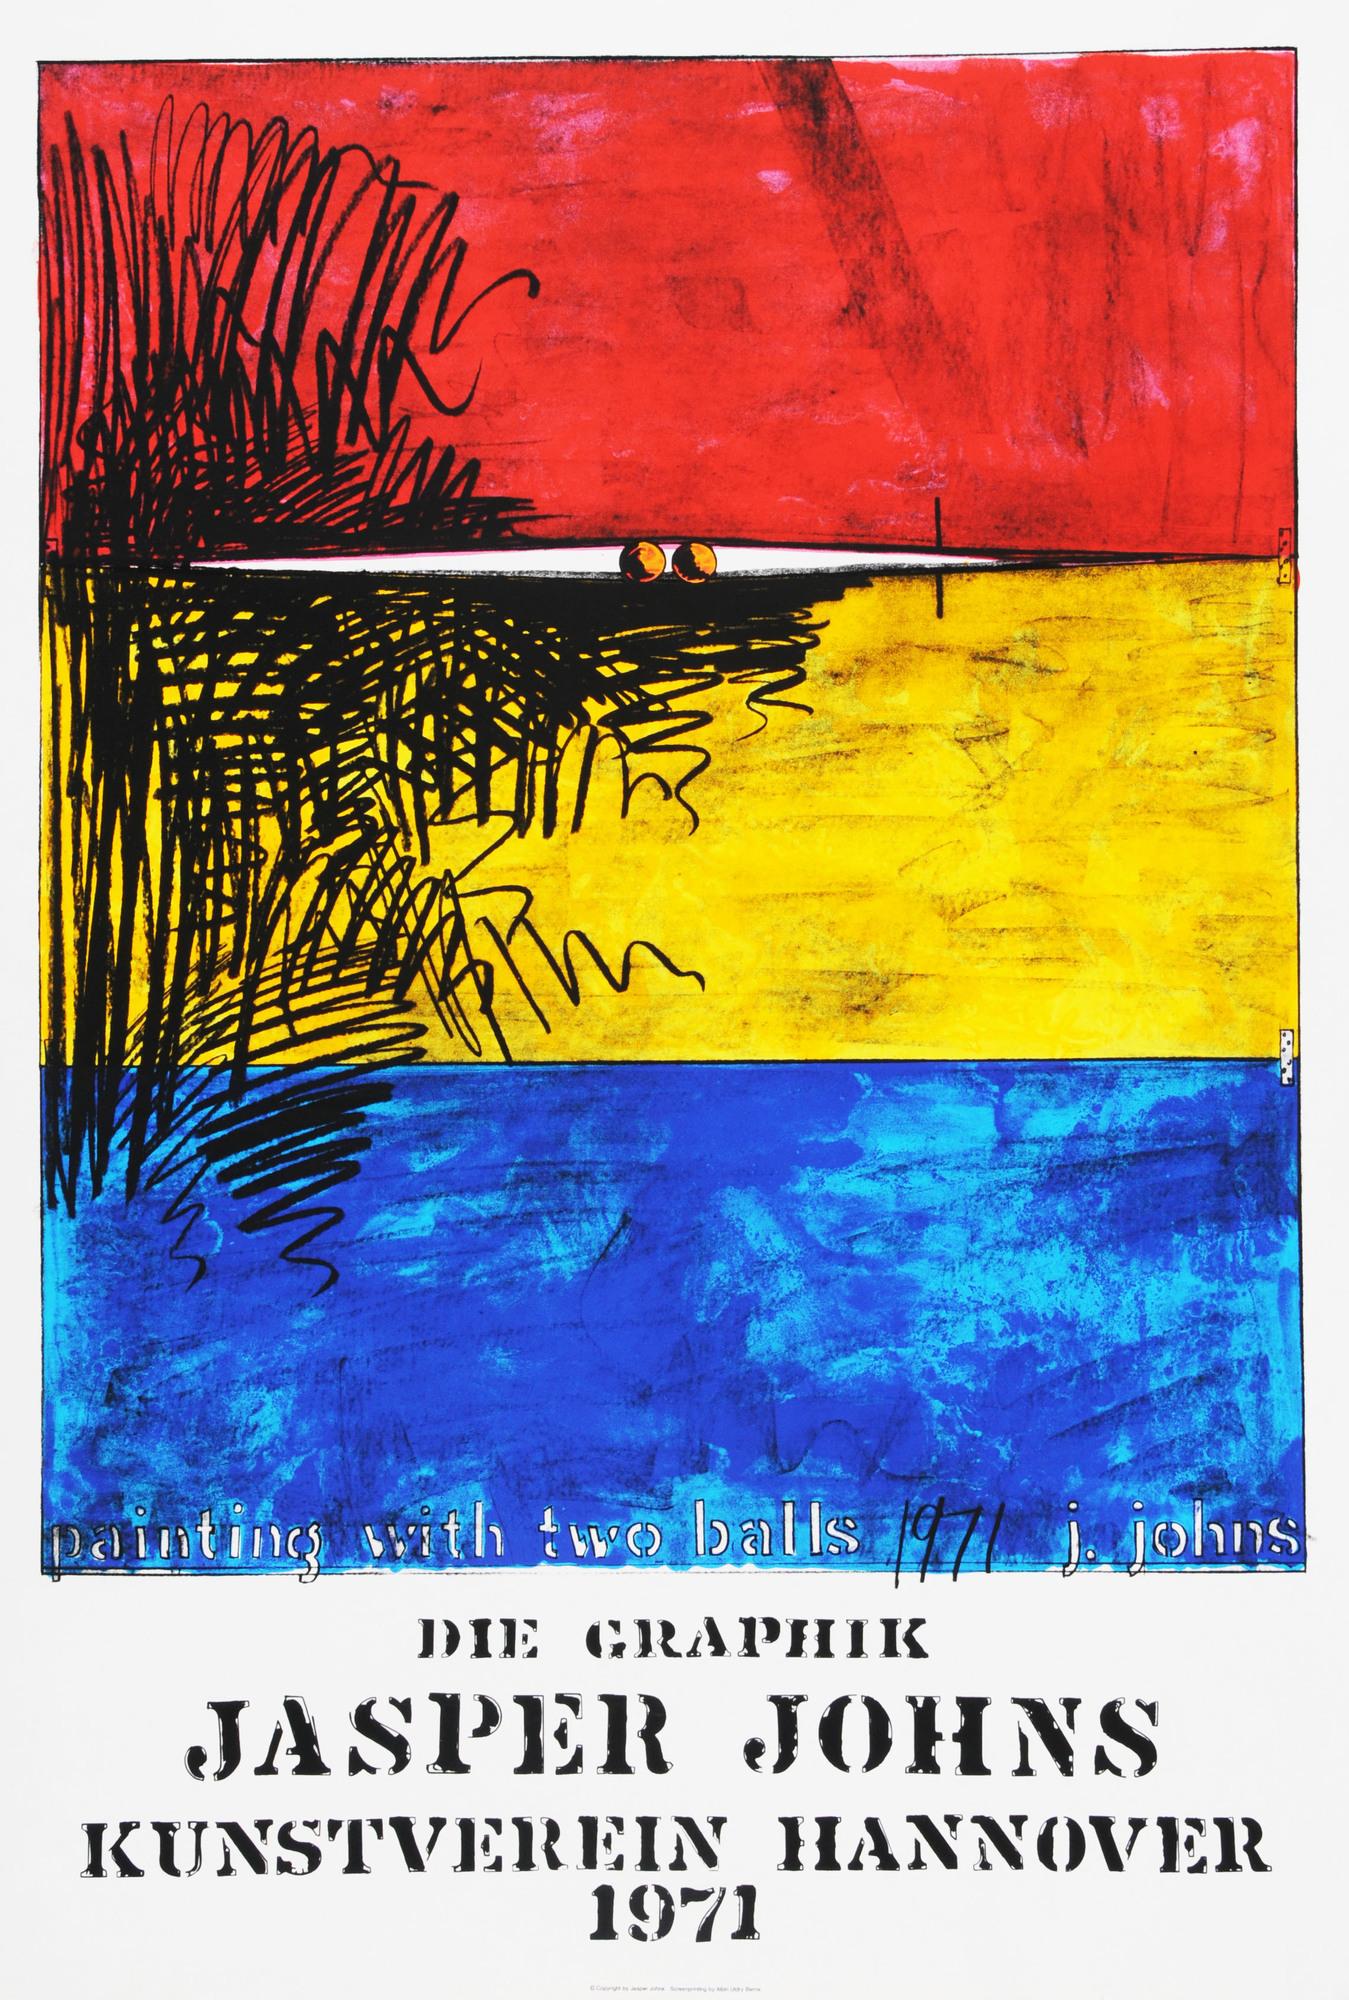 Johns Jasper, 3 Plakate: Moratorium, 1969; Jasper Johns, Philadelphia Museum of Art, 1970; Jasper Johns, Die Grafik, Kunstverein Hannover